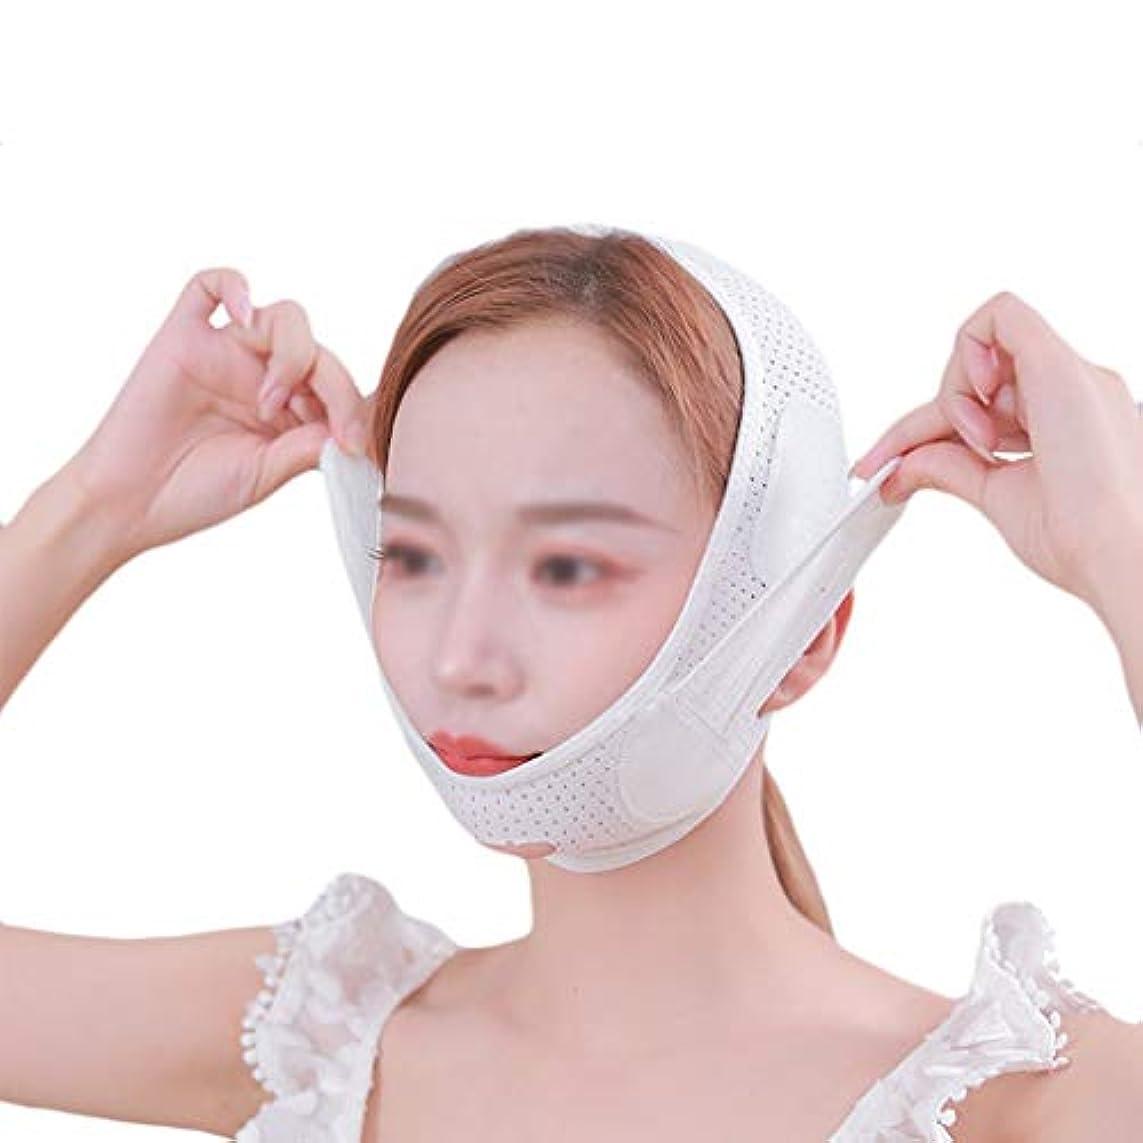 マティス文言臭いフェイシャルリフティング包帯、頬痩身マスク包帯、フェイスリフティングファーミングフェイスリフティング、リフティングダブルチンフェイシャルマスク(ホワイト、フリーサイズ)